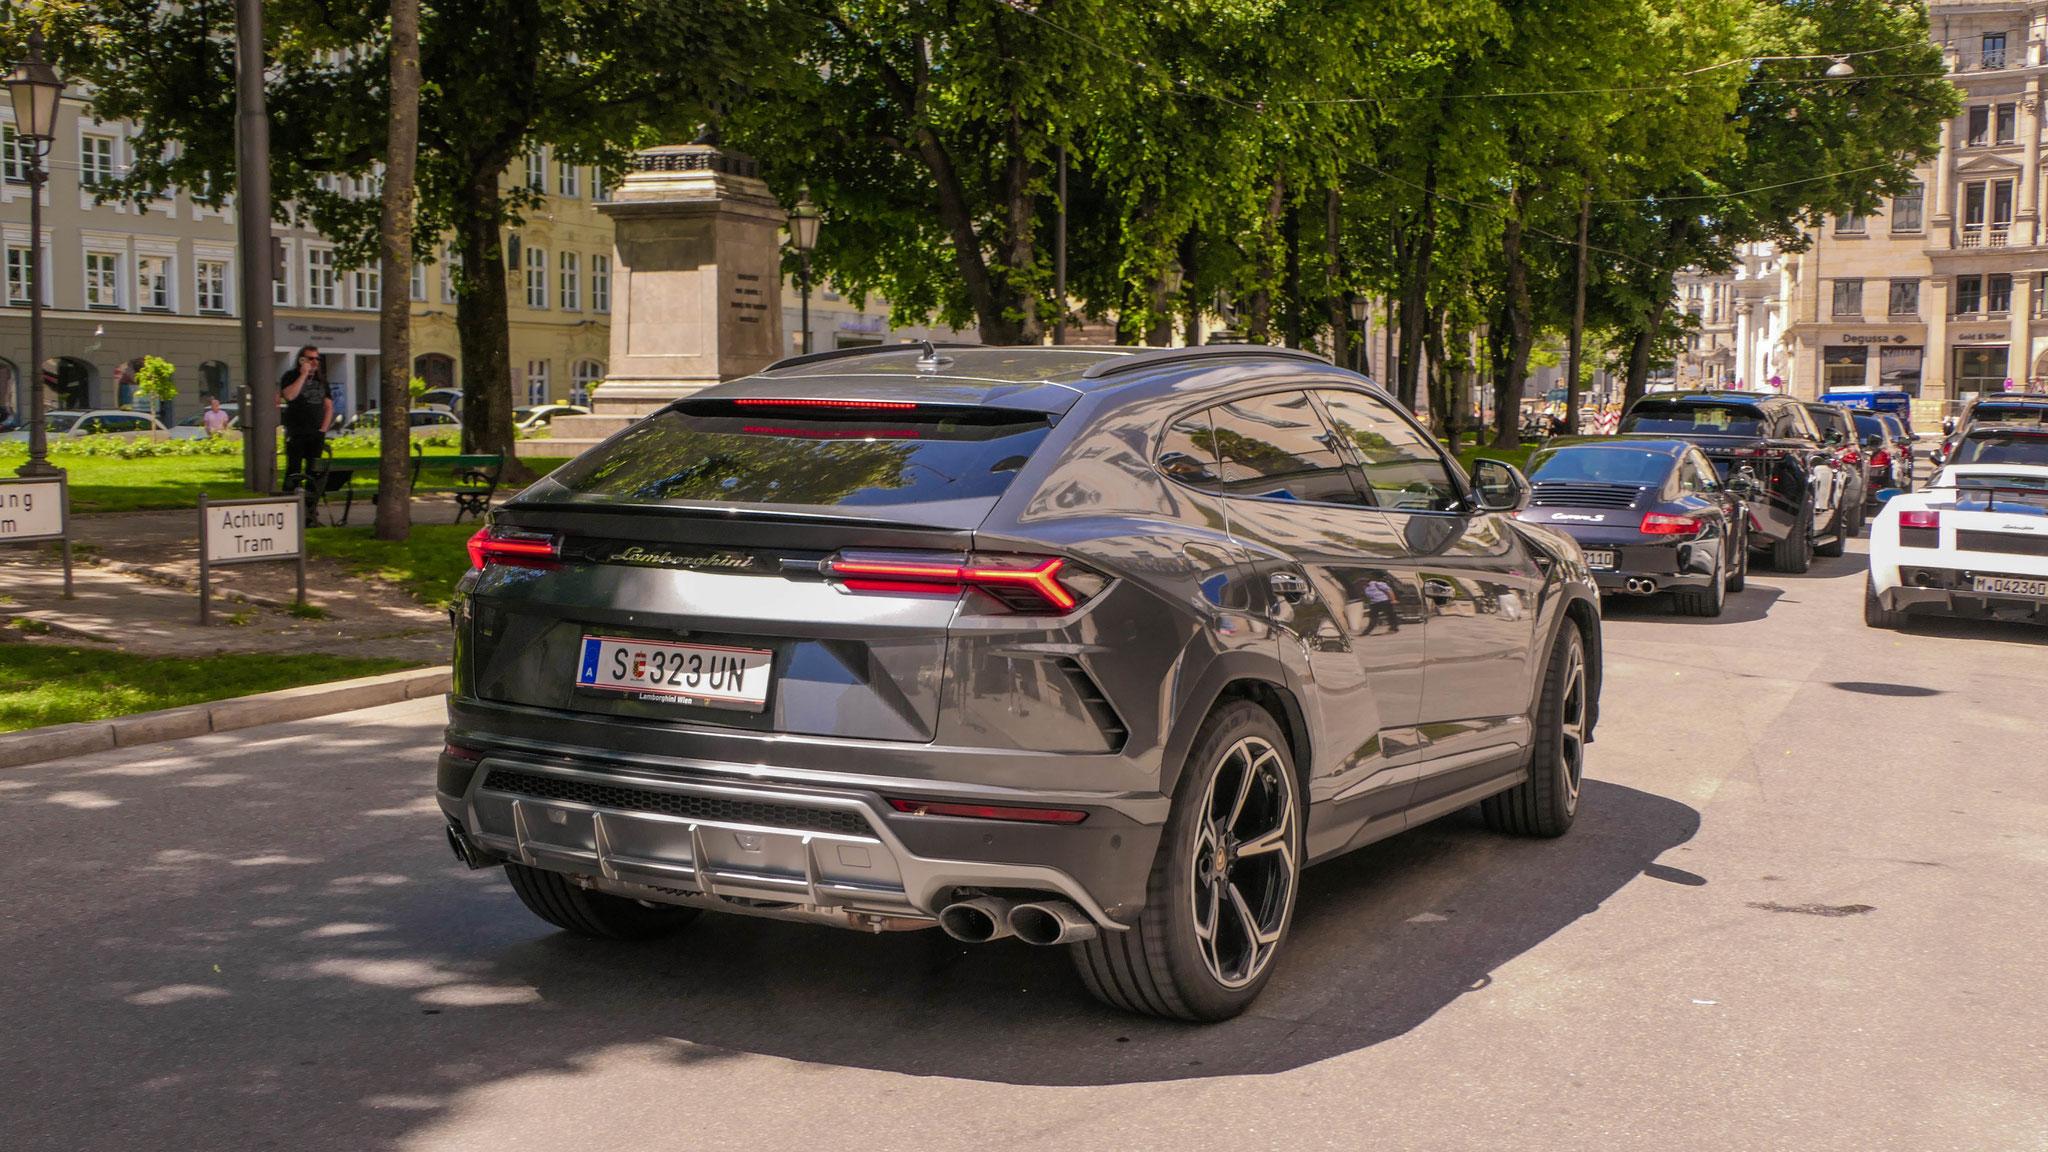 Lamborghini Urus -S-323-UN (AUT)